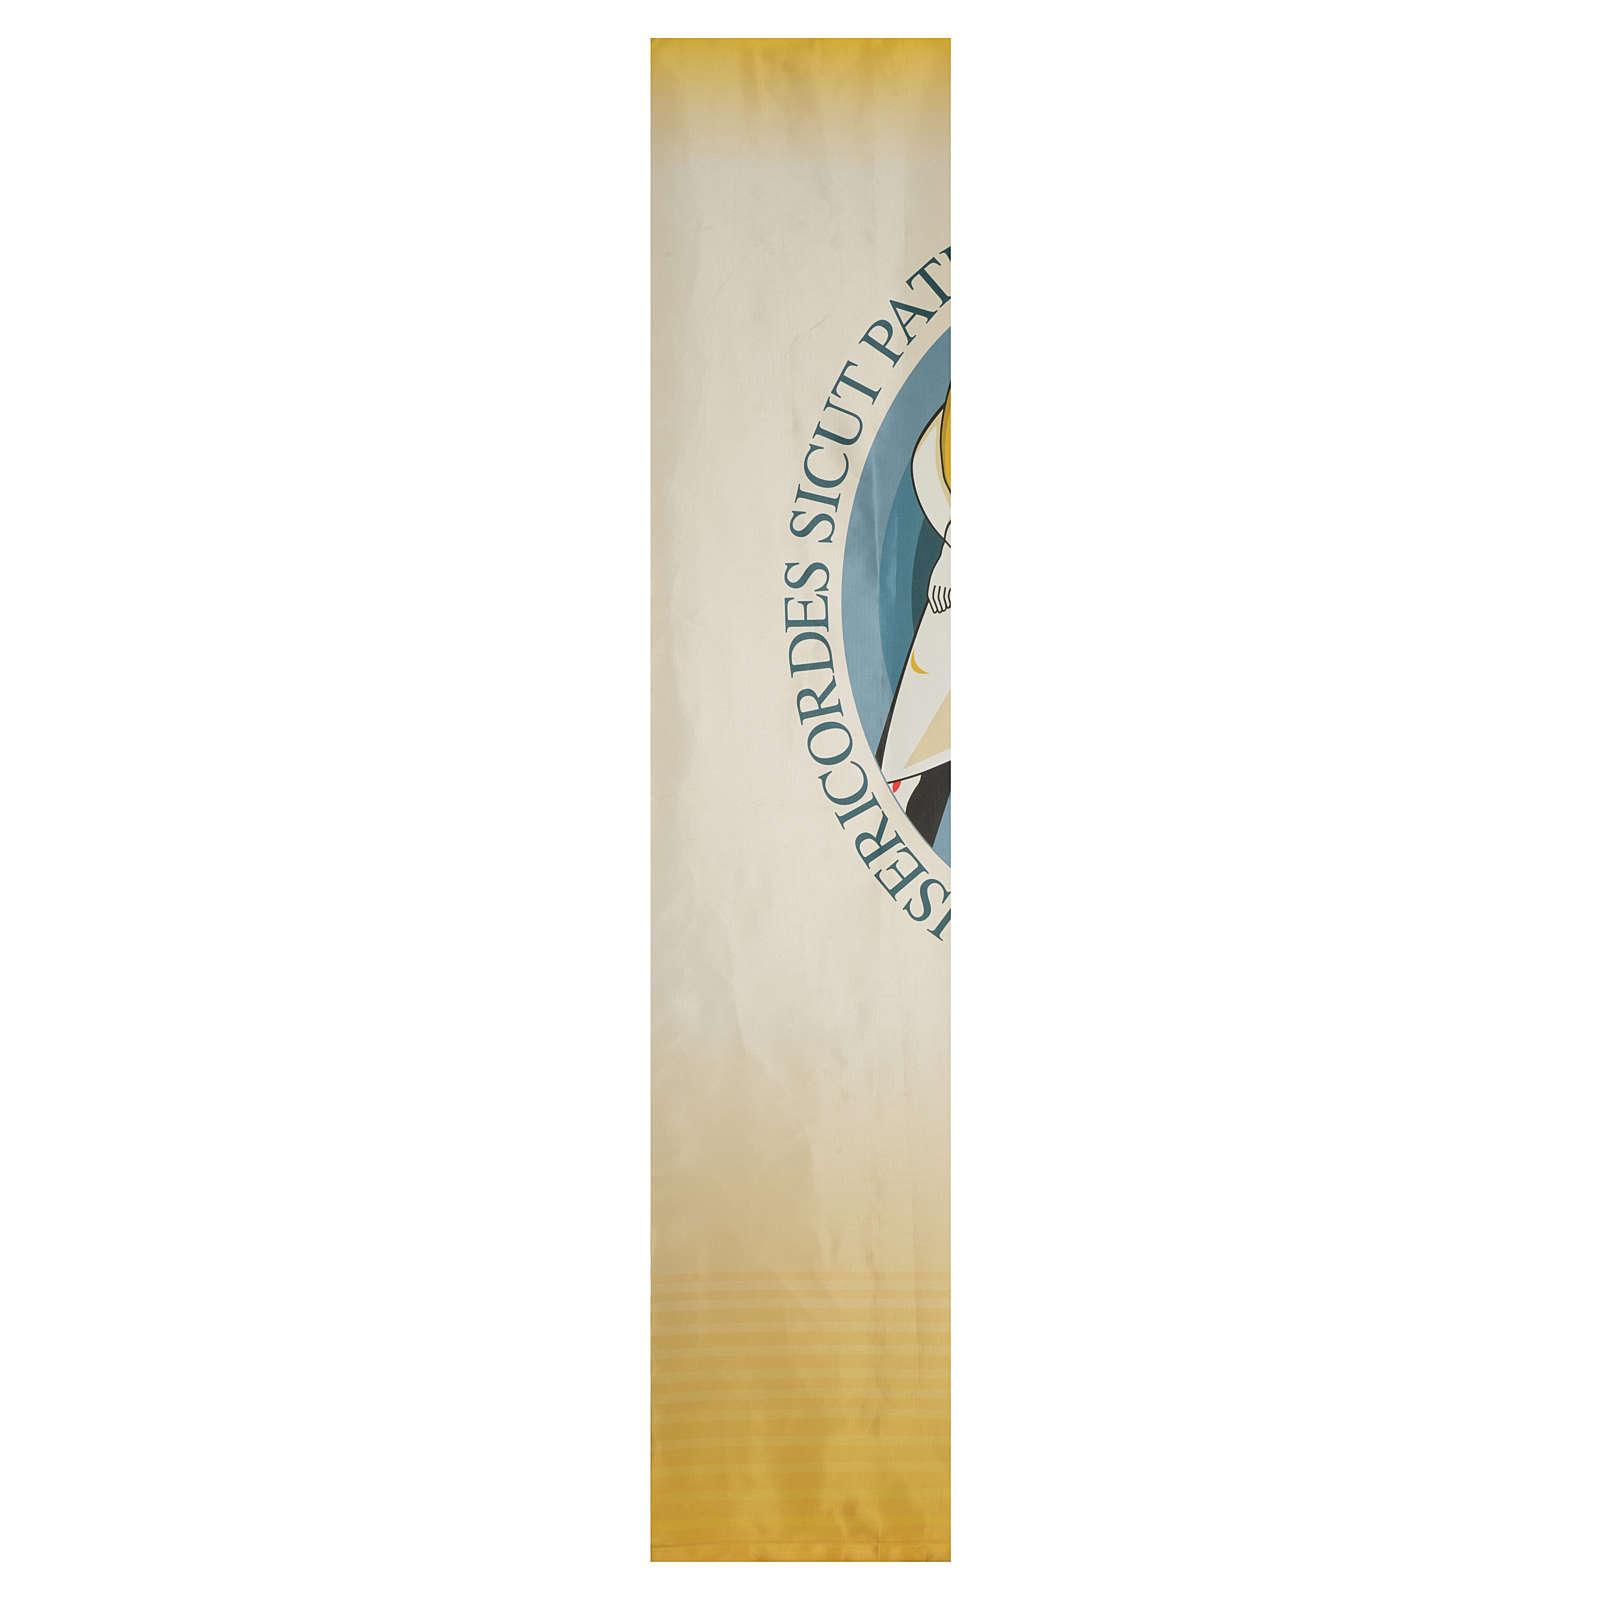 STOCK Logo Jubileo de la Misericordia sobre tejido 90x200 cm estampa LATÍN 3